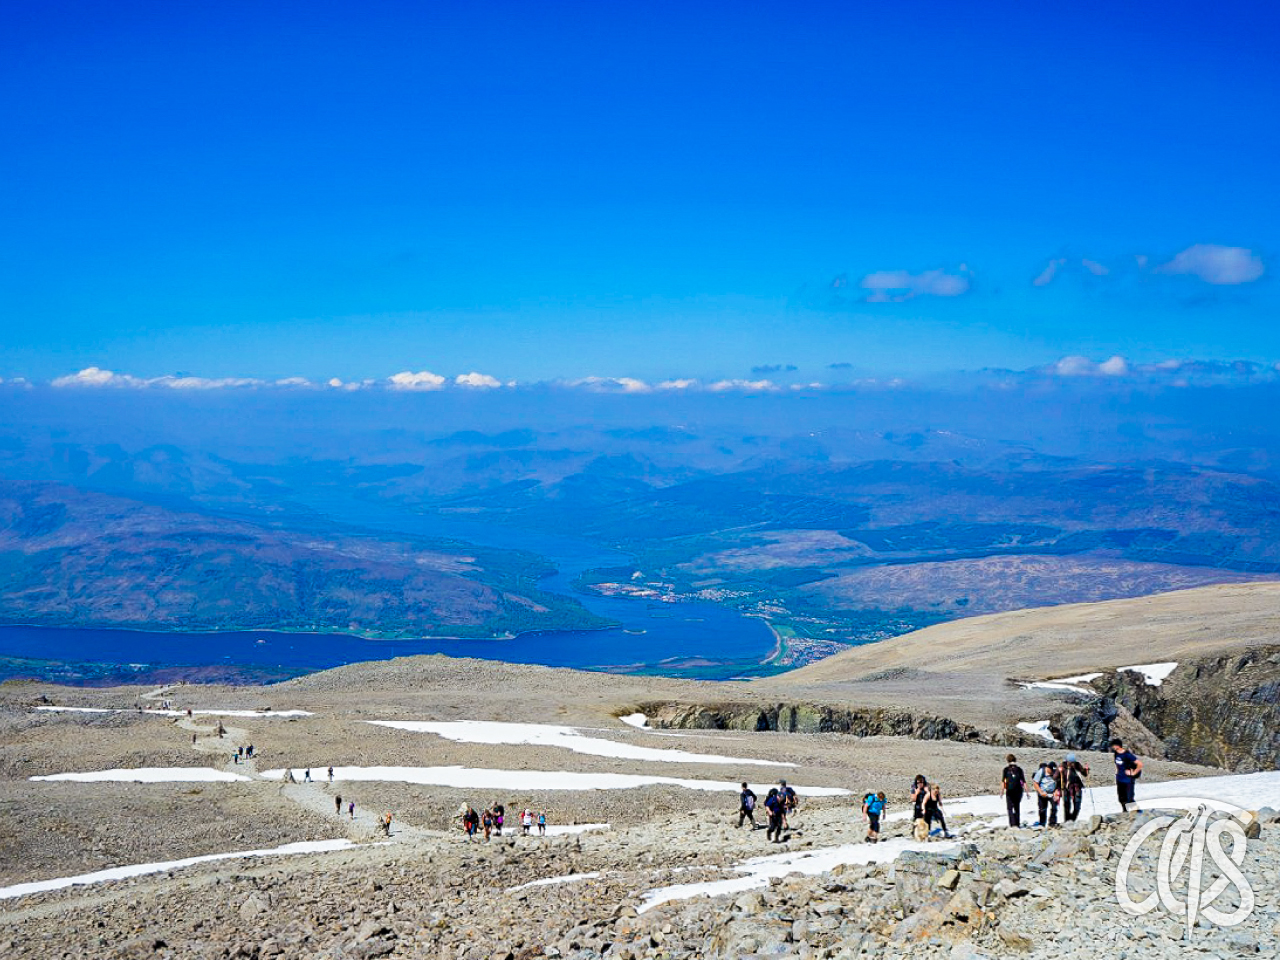 傾斜が緩くなってきた山頂付近をいく登山者